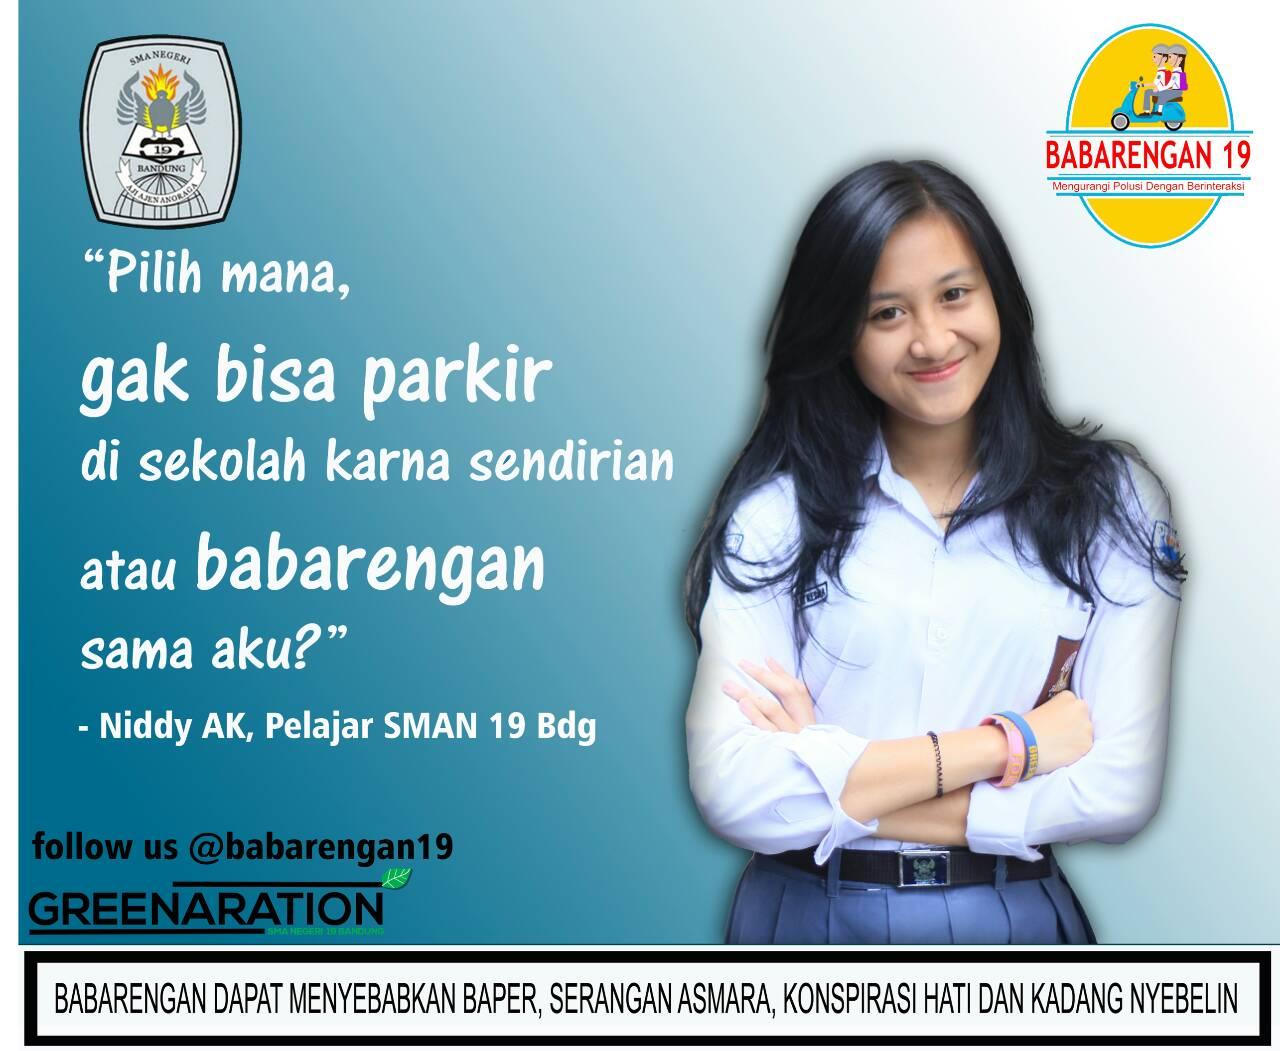 Kata Niddy Anak SMA 19 Bandung berangkat sekolahnya 'babarengan' aja